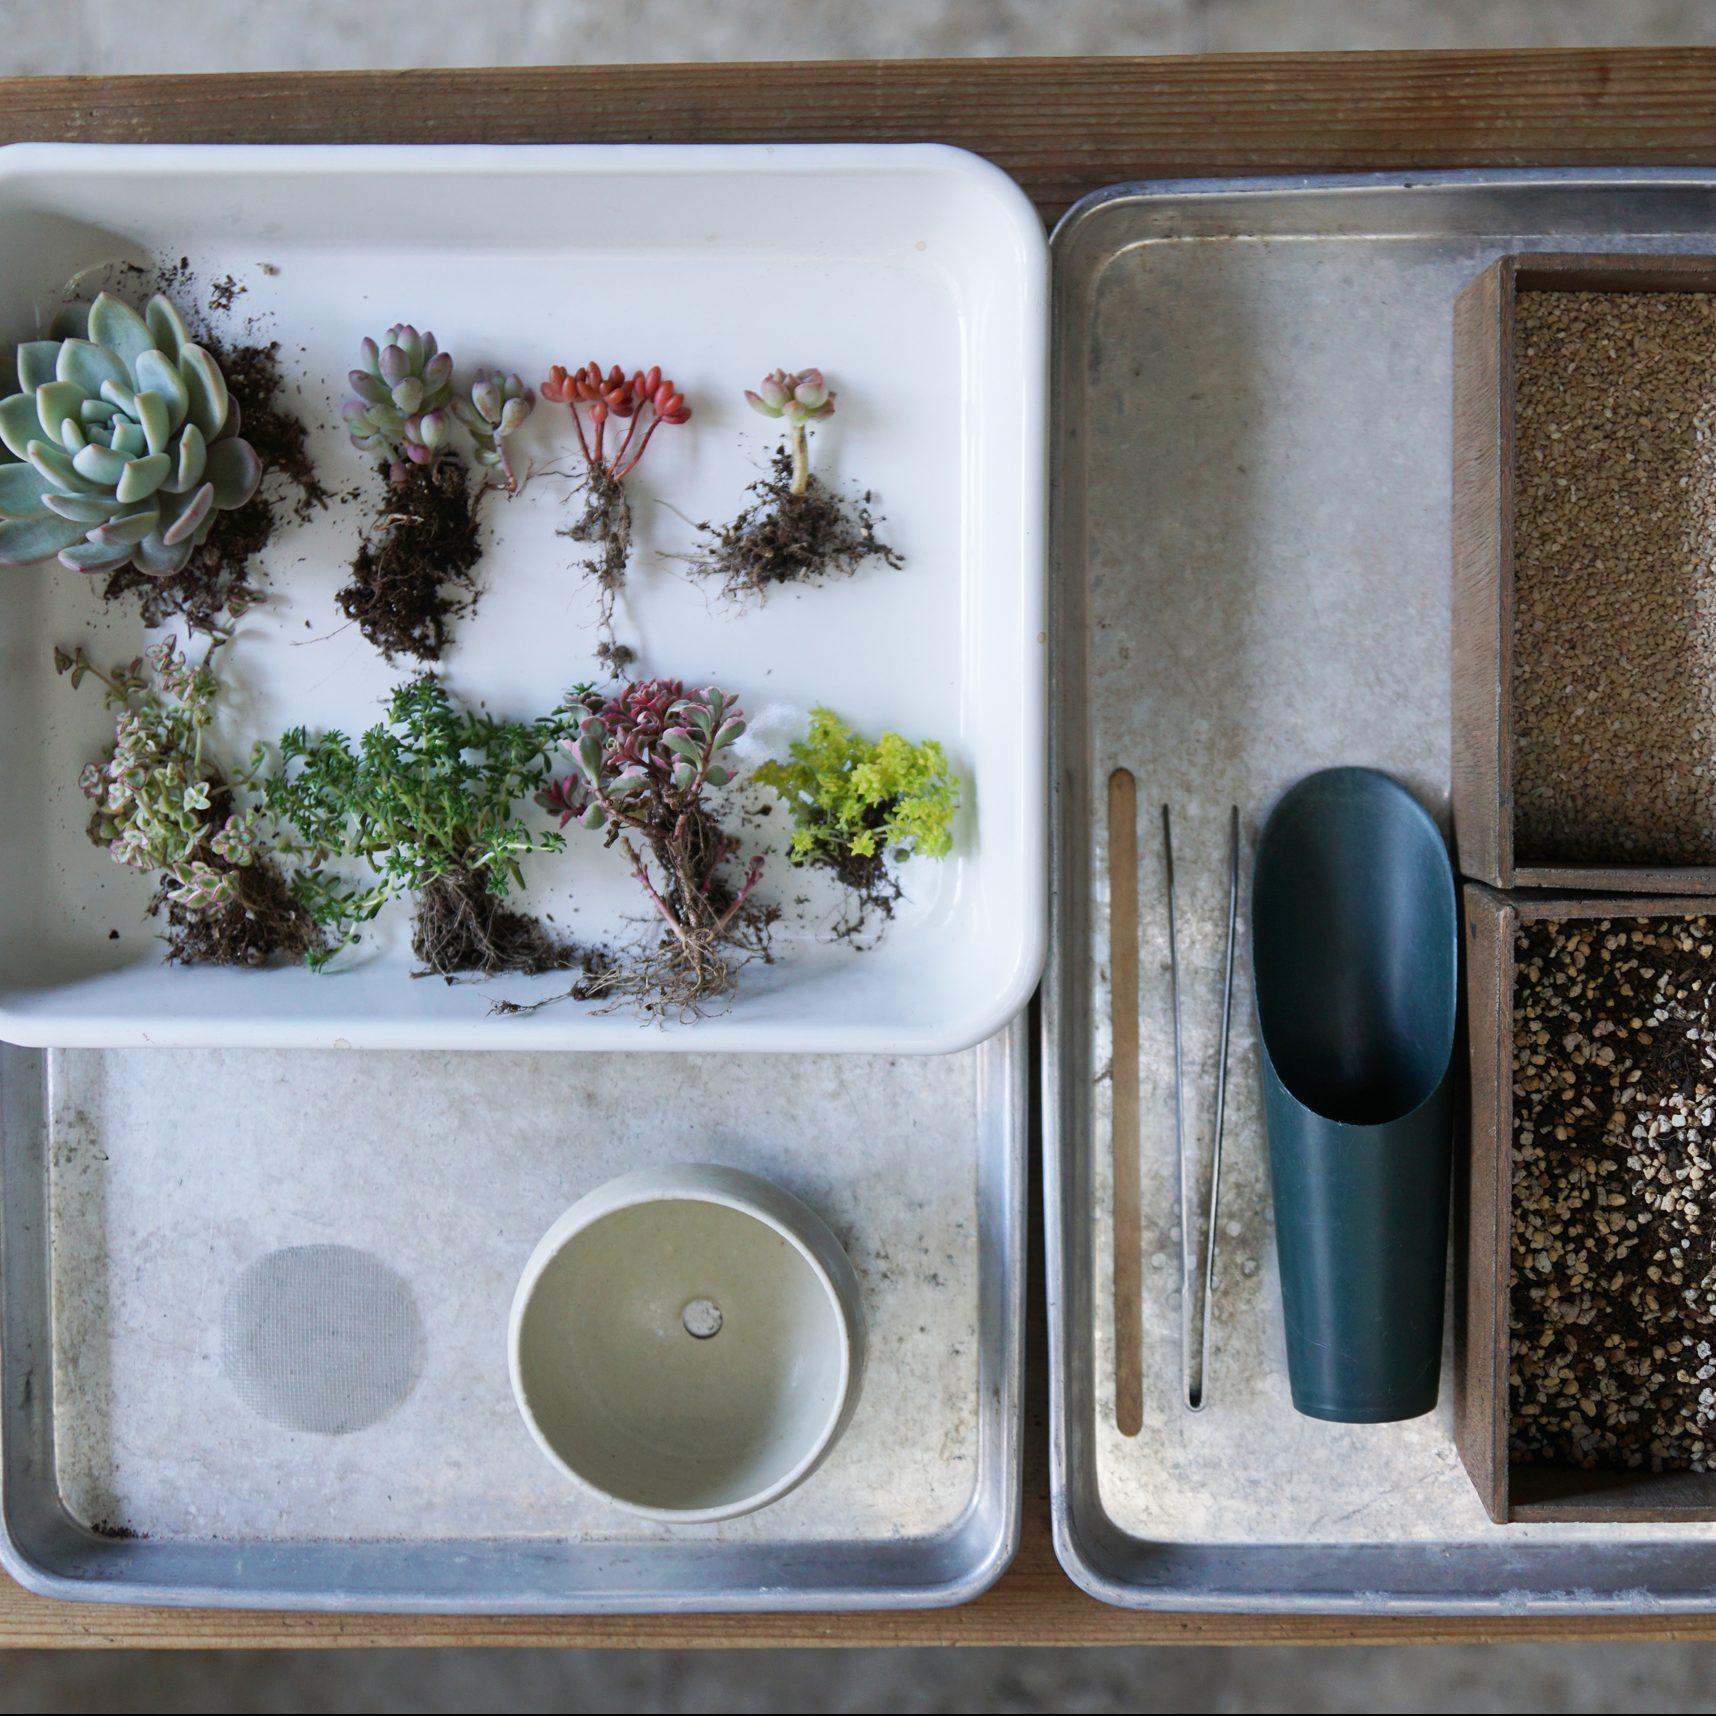 寄せ植えに必要なものは、全てTOKIIROさんが準備してくれます。あなたが持ってくればいいものは、タニクちゃんと戯れるワクワクだけ!